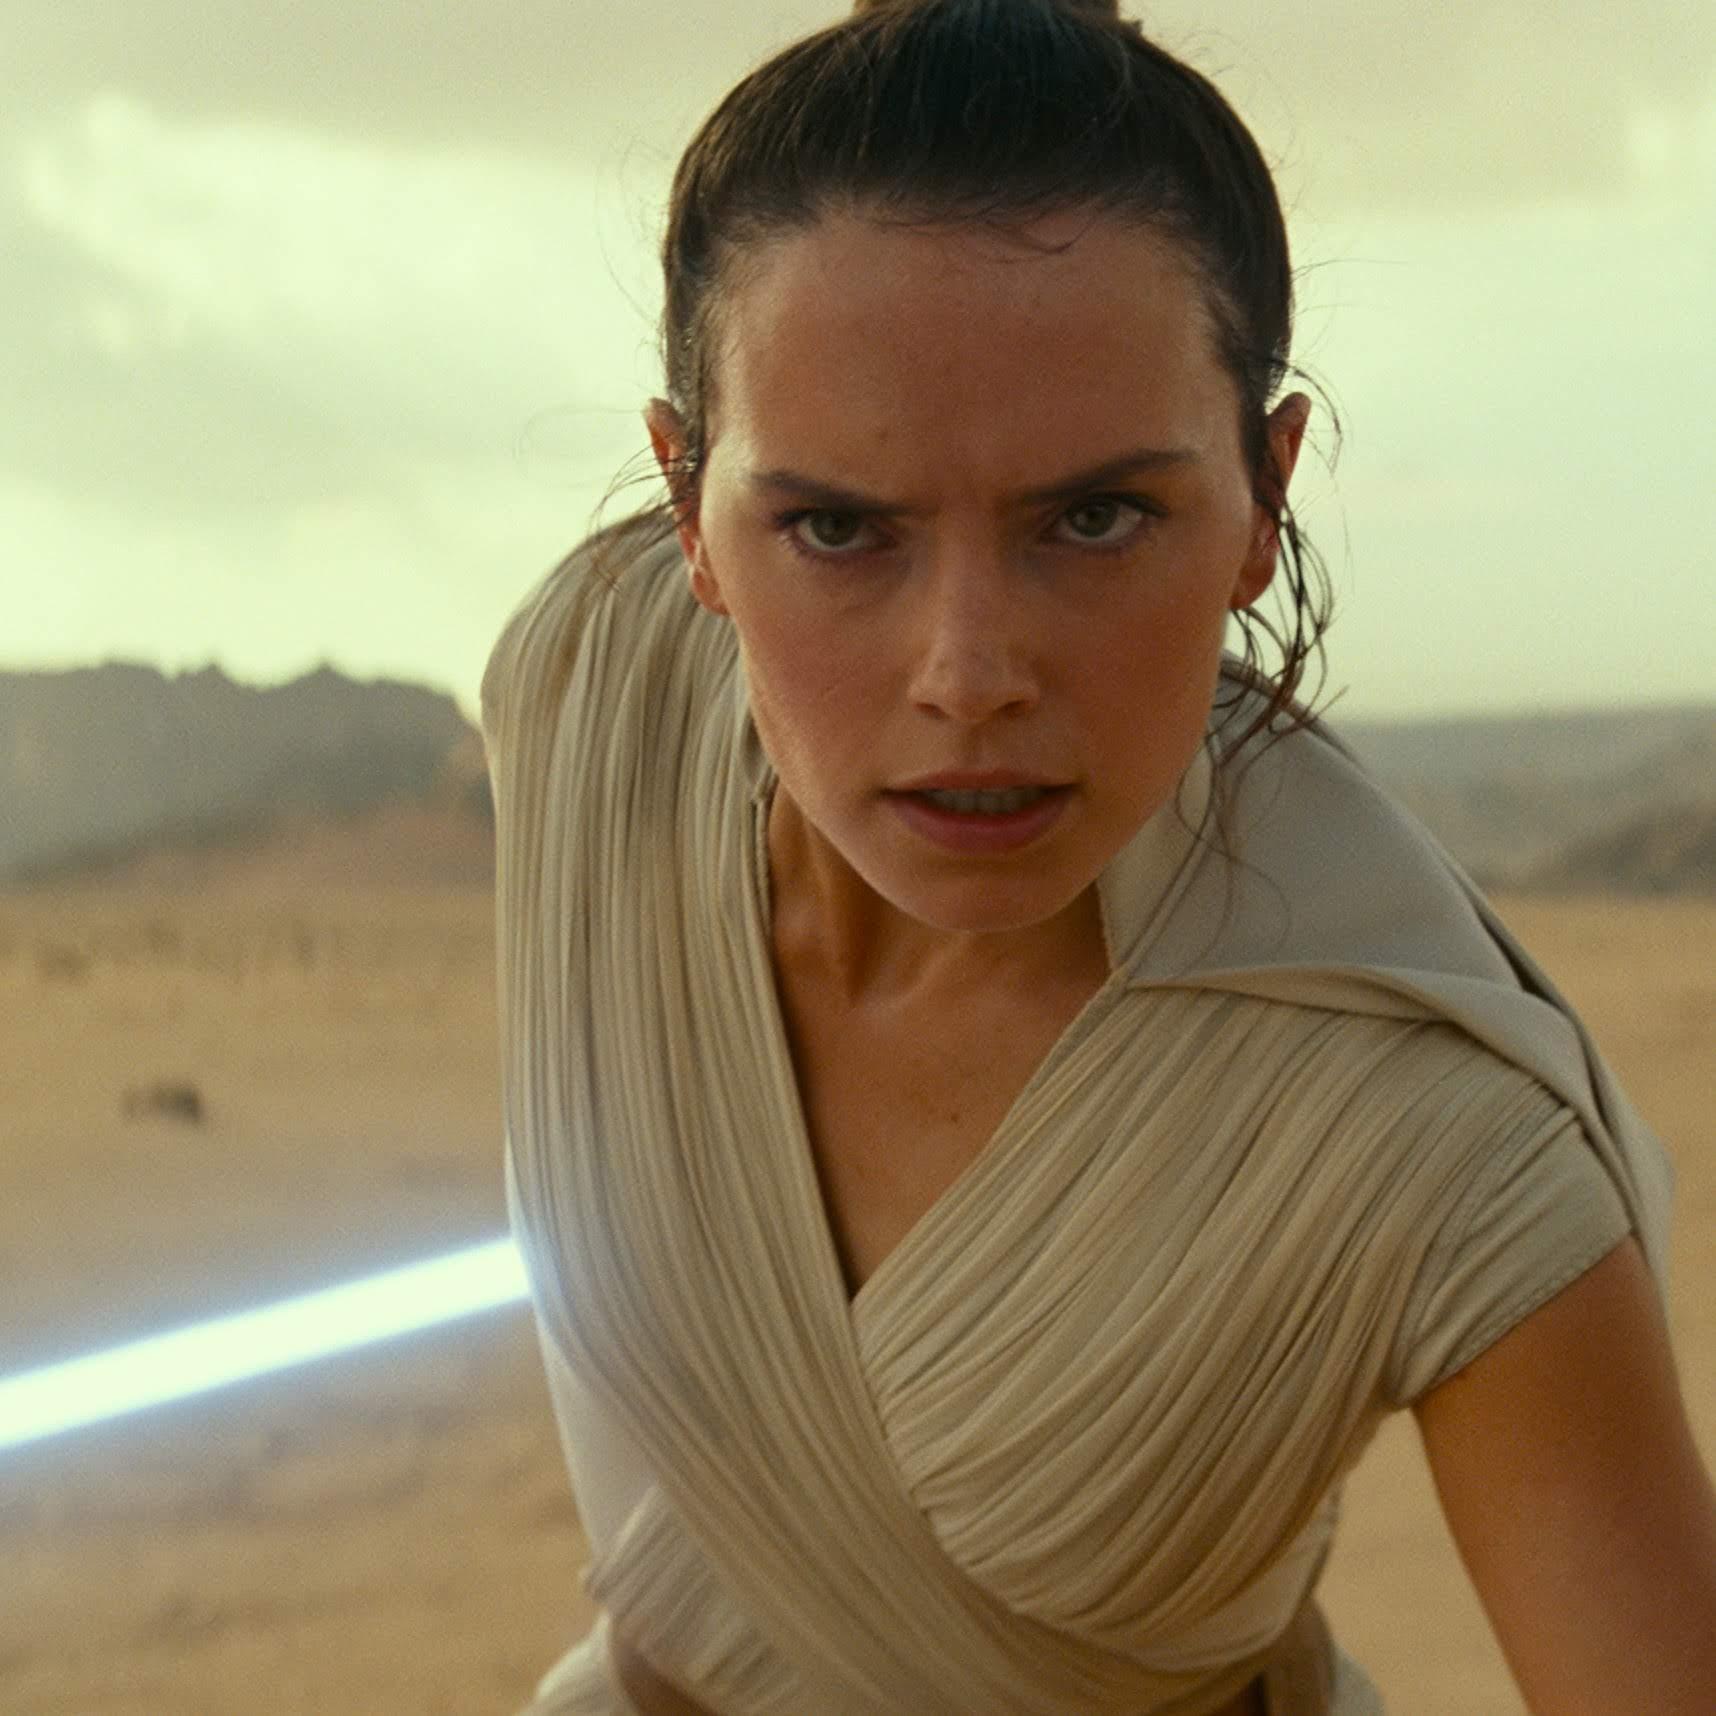 Star Wars :「スター・ウォーズ」の3つのトリロジーが決着にたどり着くクライマックスの完結編「ザ・ライズ・オブ・スカイウォーカー」が、新しい写真をリリース ! !